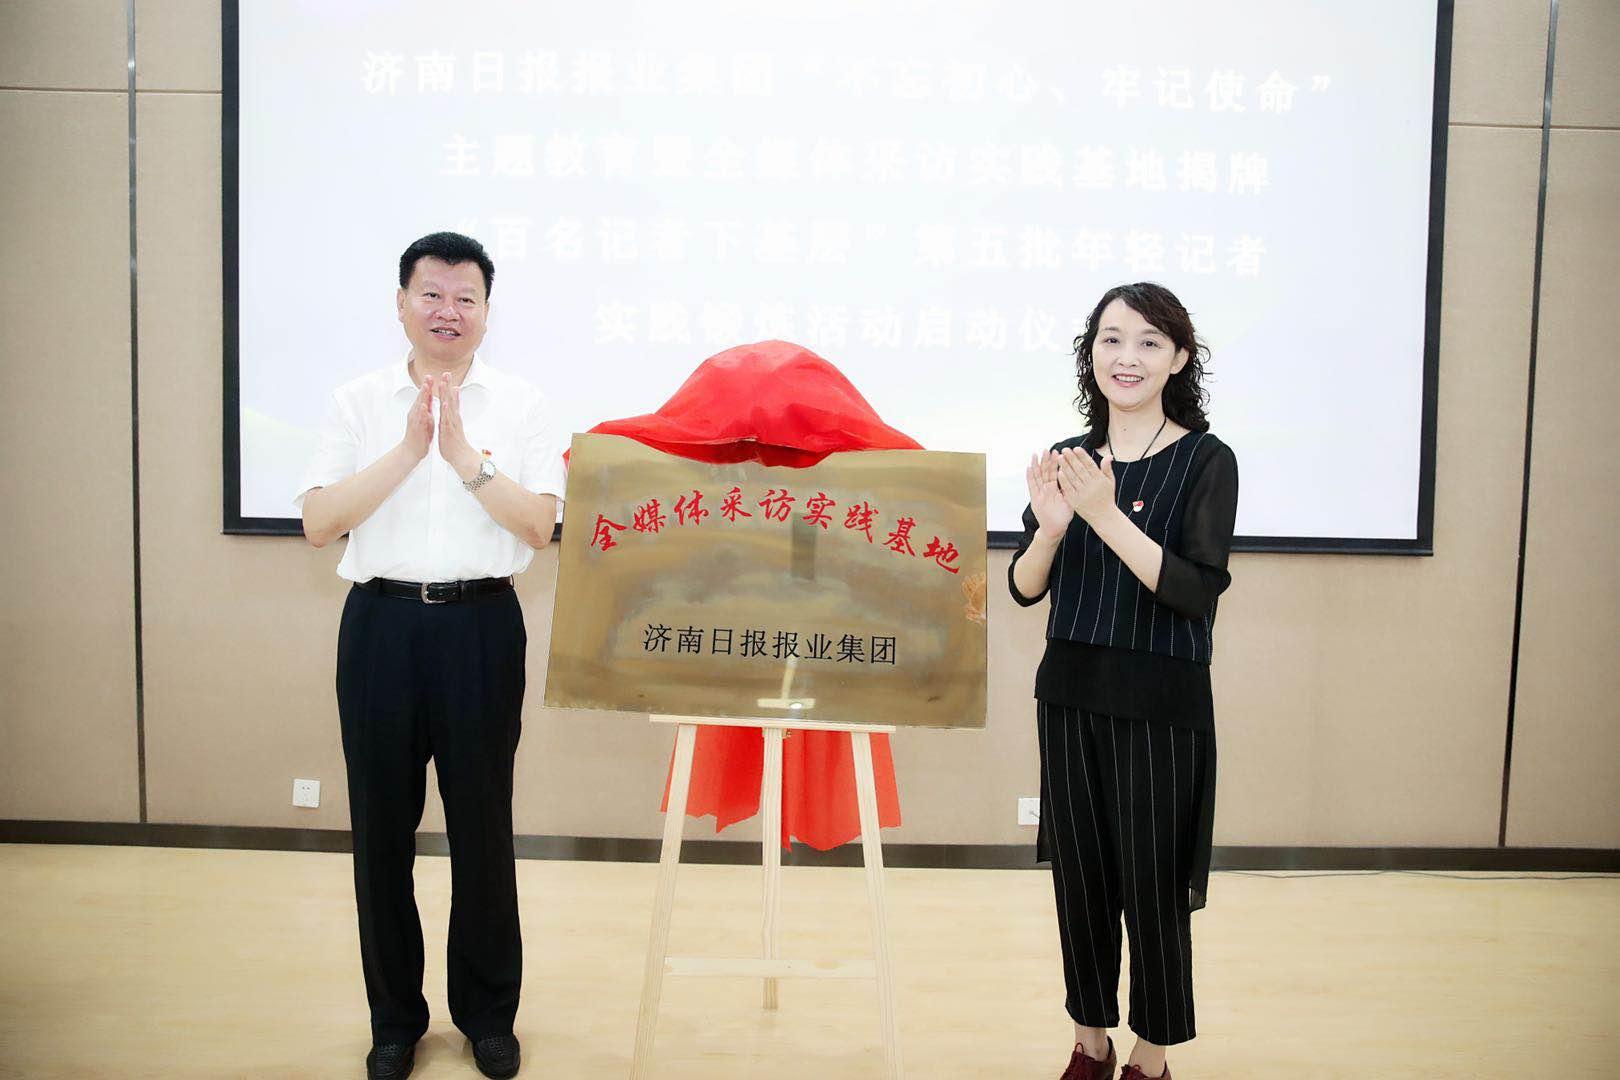 党员干部接受革命传统教育 年轻记者下基层助力长清发展